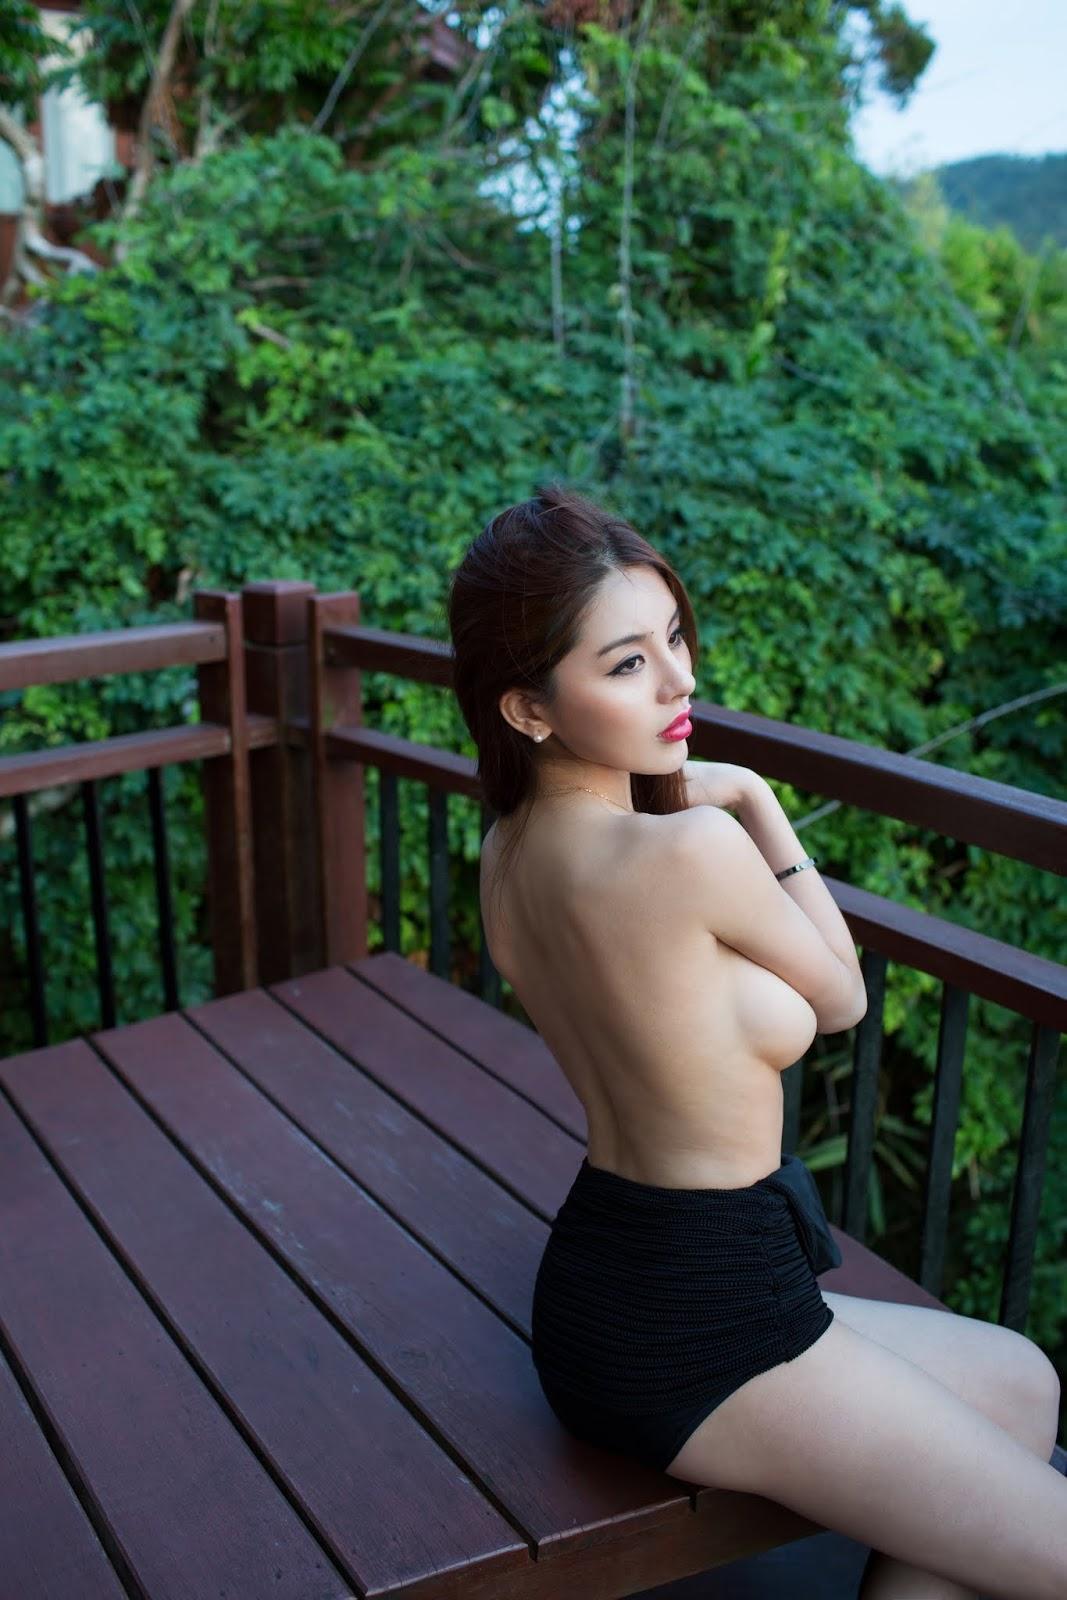 %252B%252B%252B%25C2%25AC %252B 38 - Naked Nude Girl TUIGIRL NO.51 Model